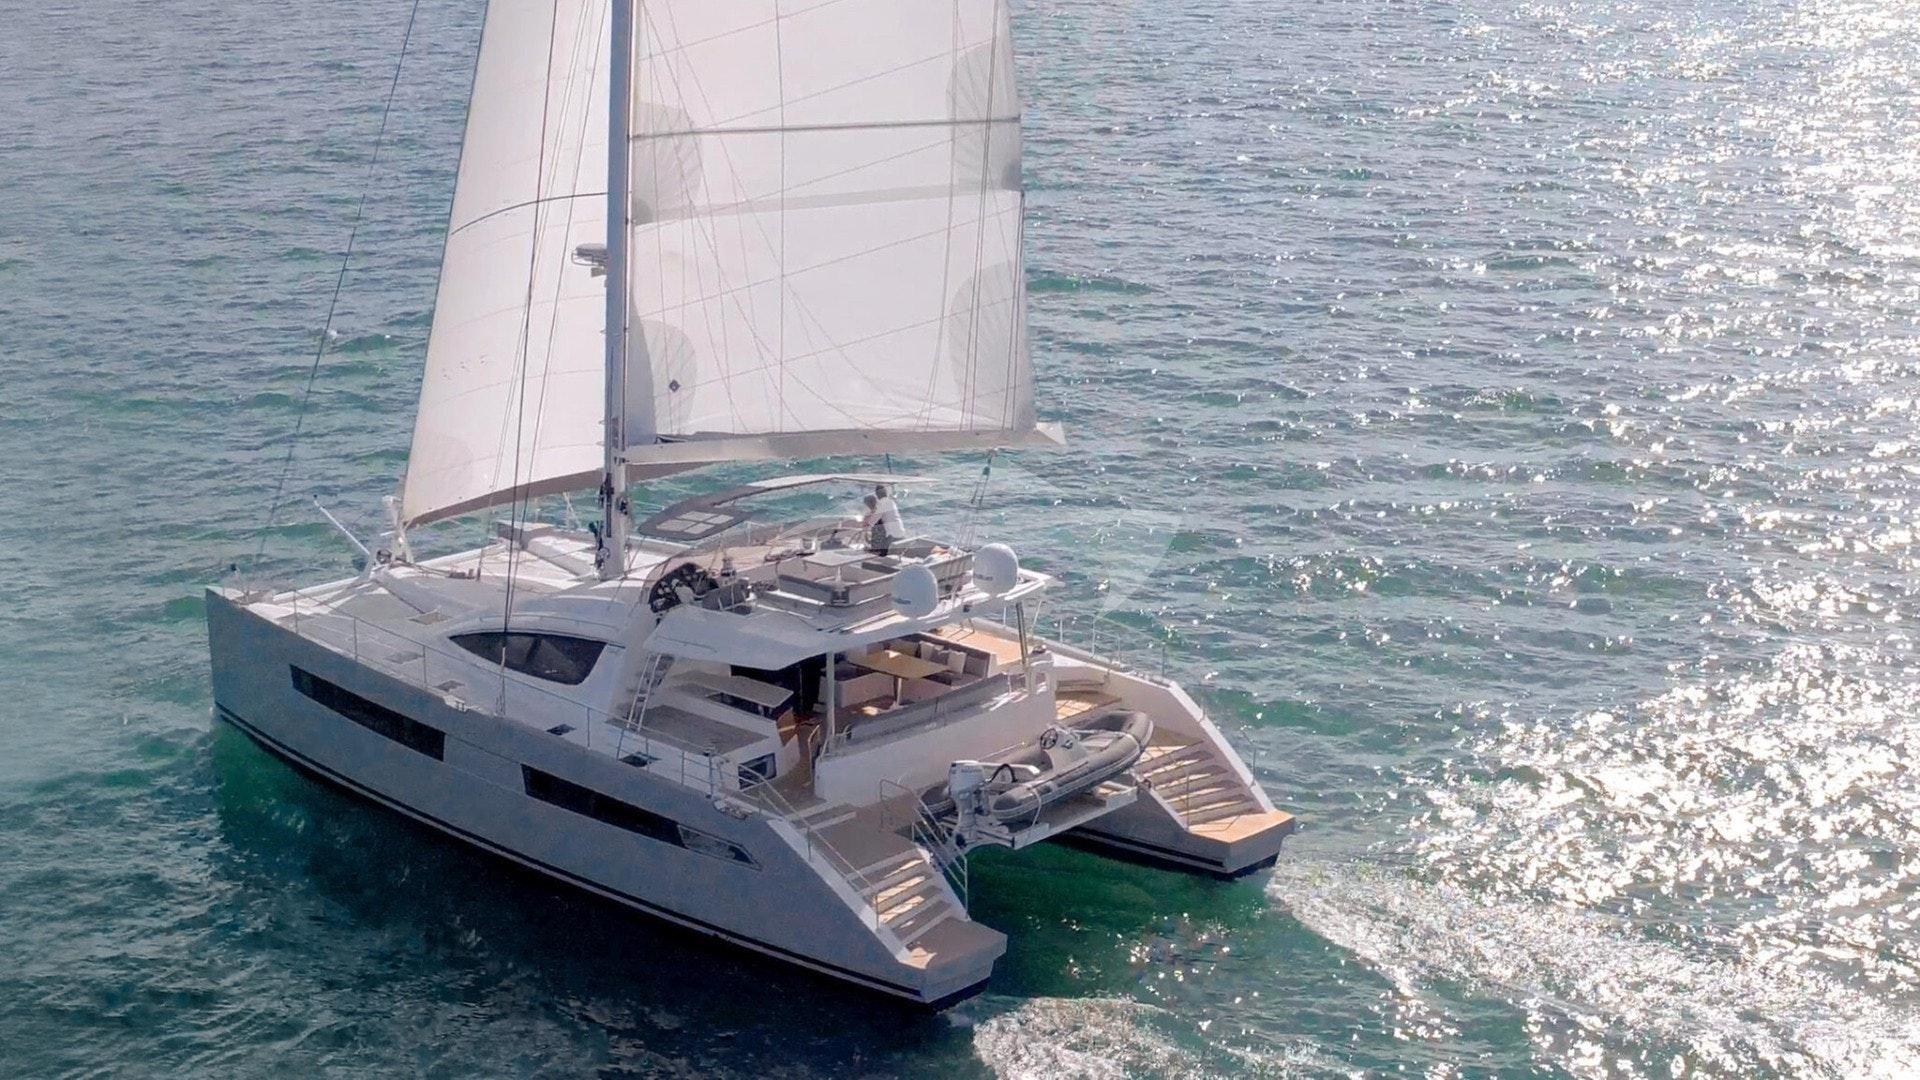 Segundo Viento under sail